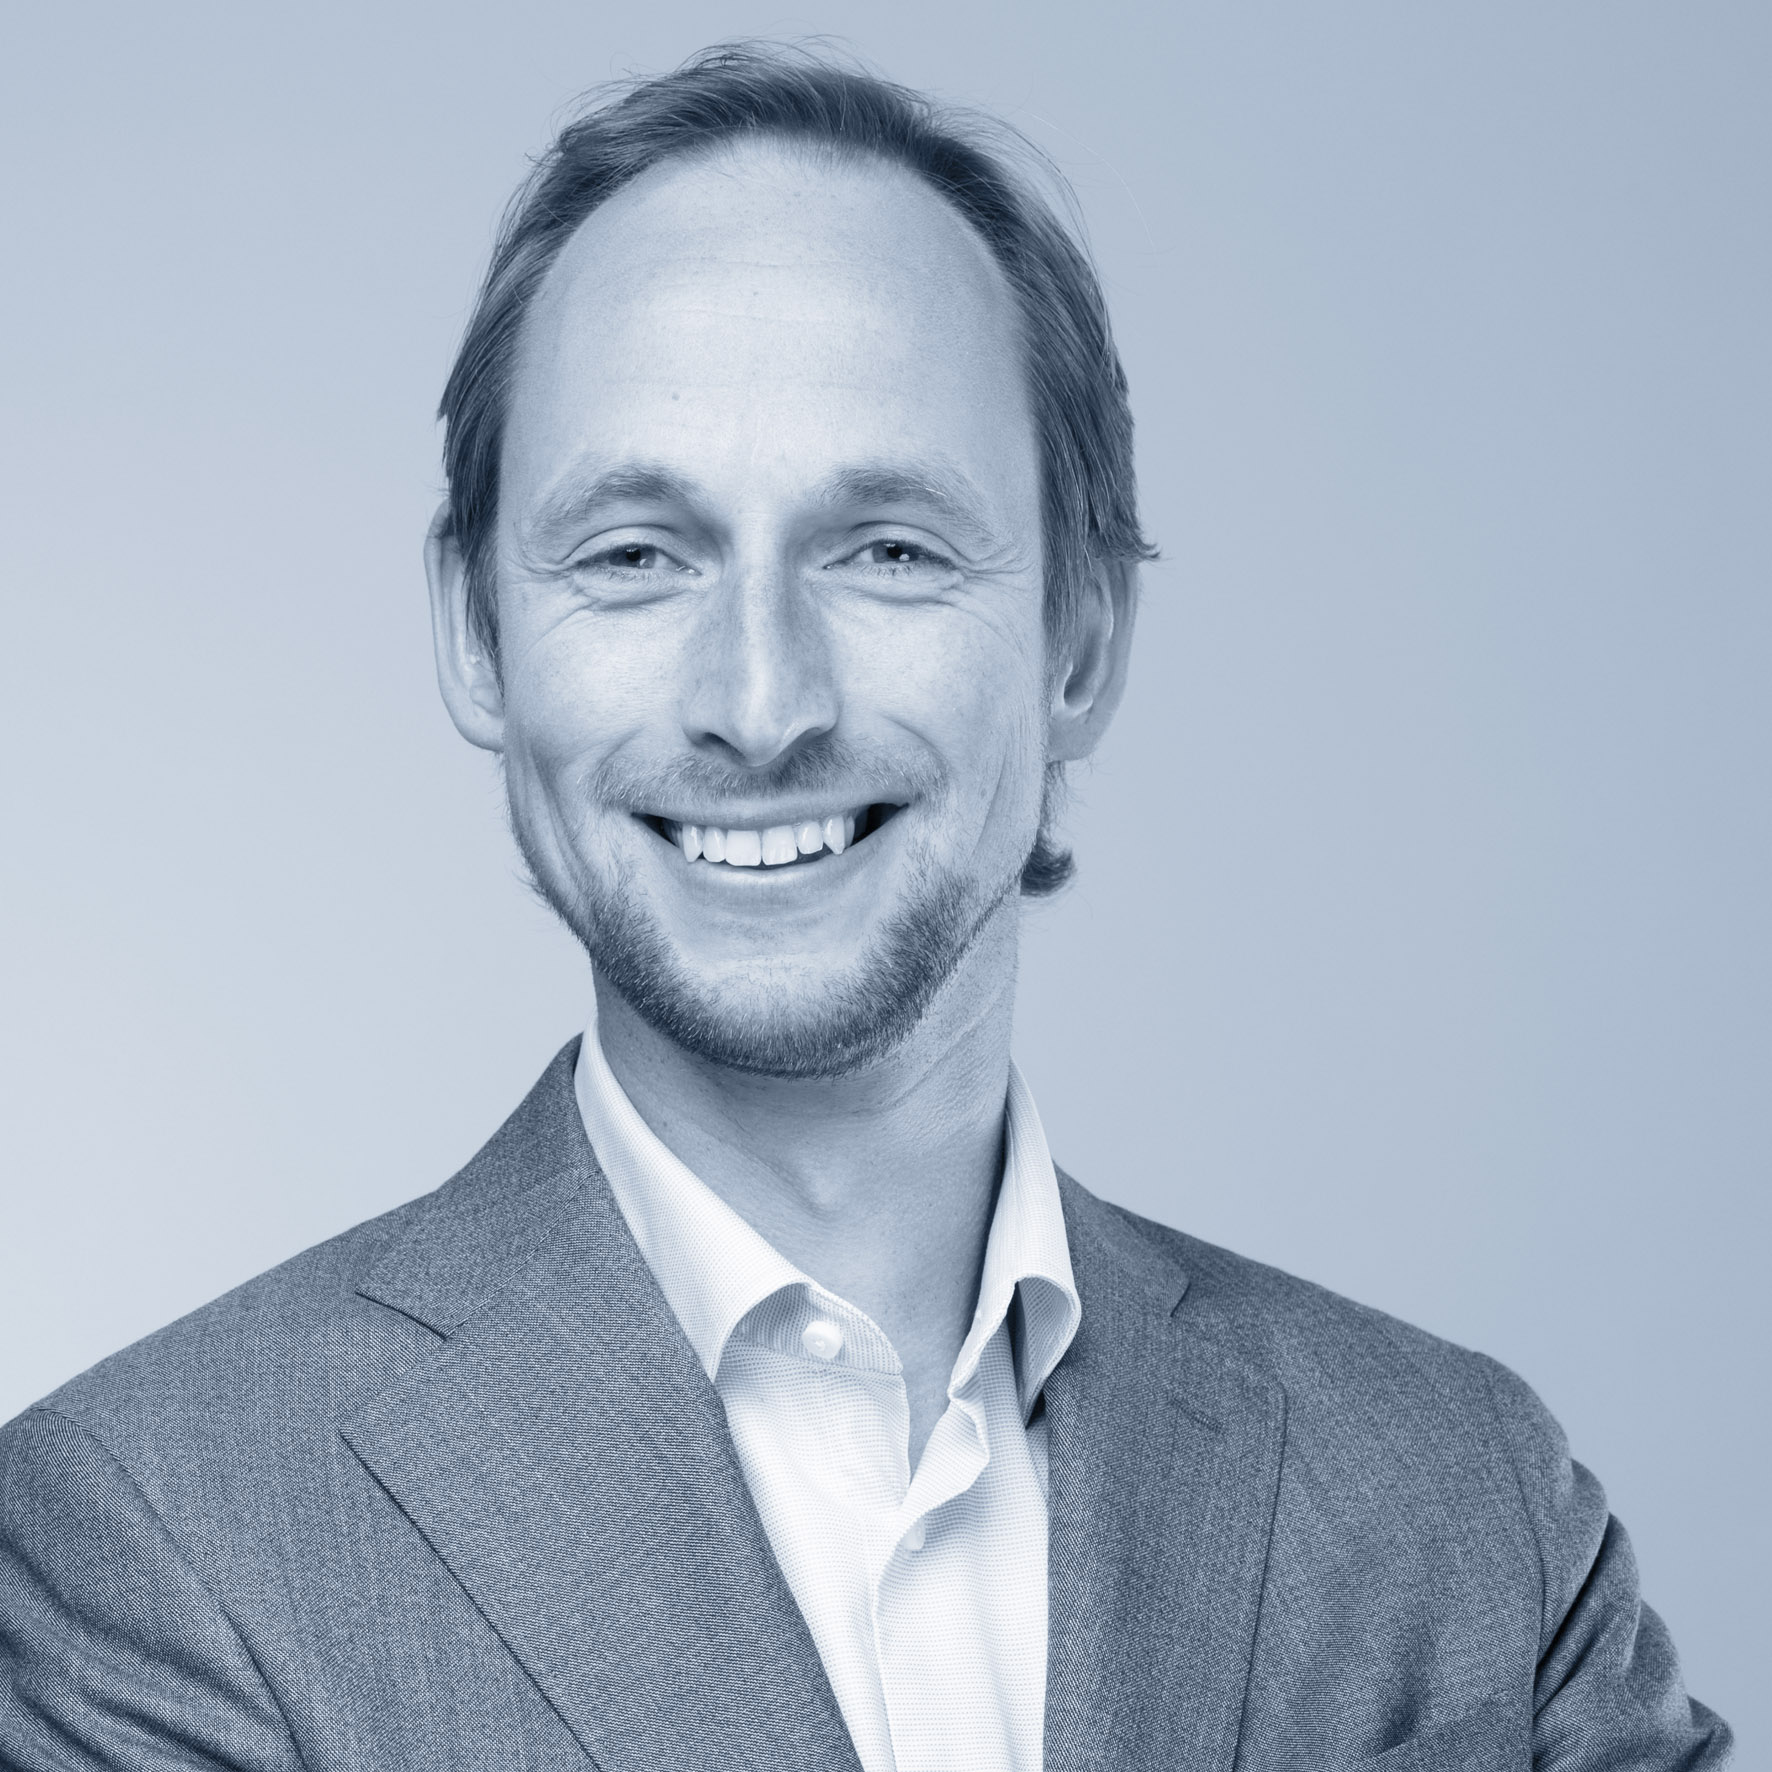 Roland_van_Herk-Profielfoto Blog Website